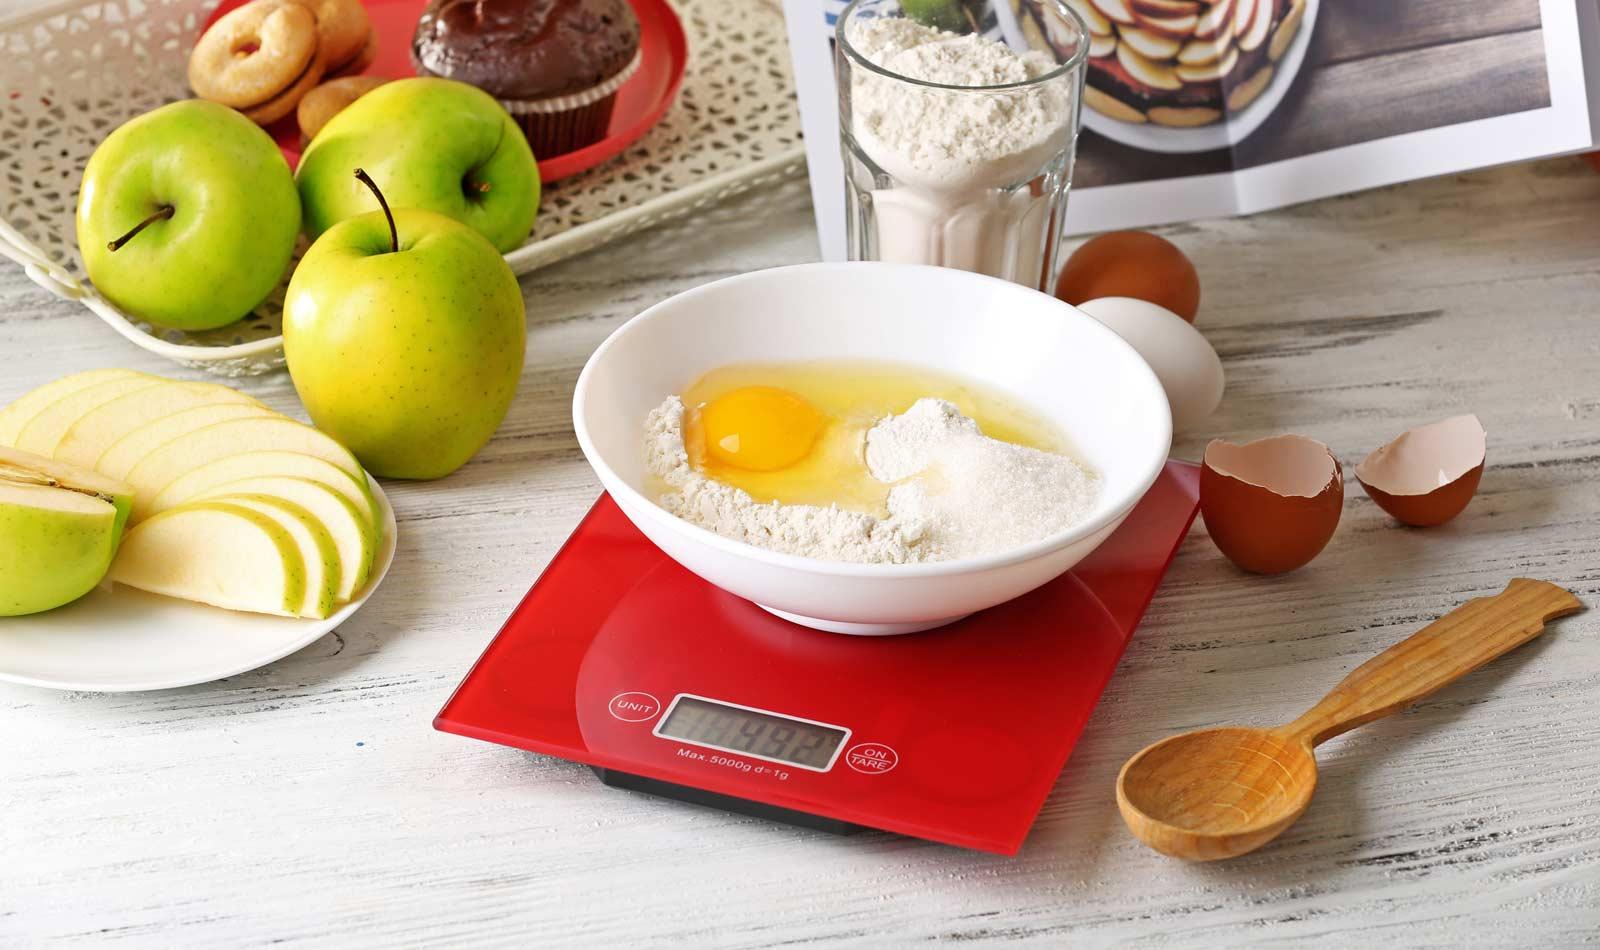 Cucina: robot, accessori, elettrodomestici - Migliori Offerte e ...